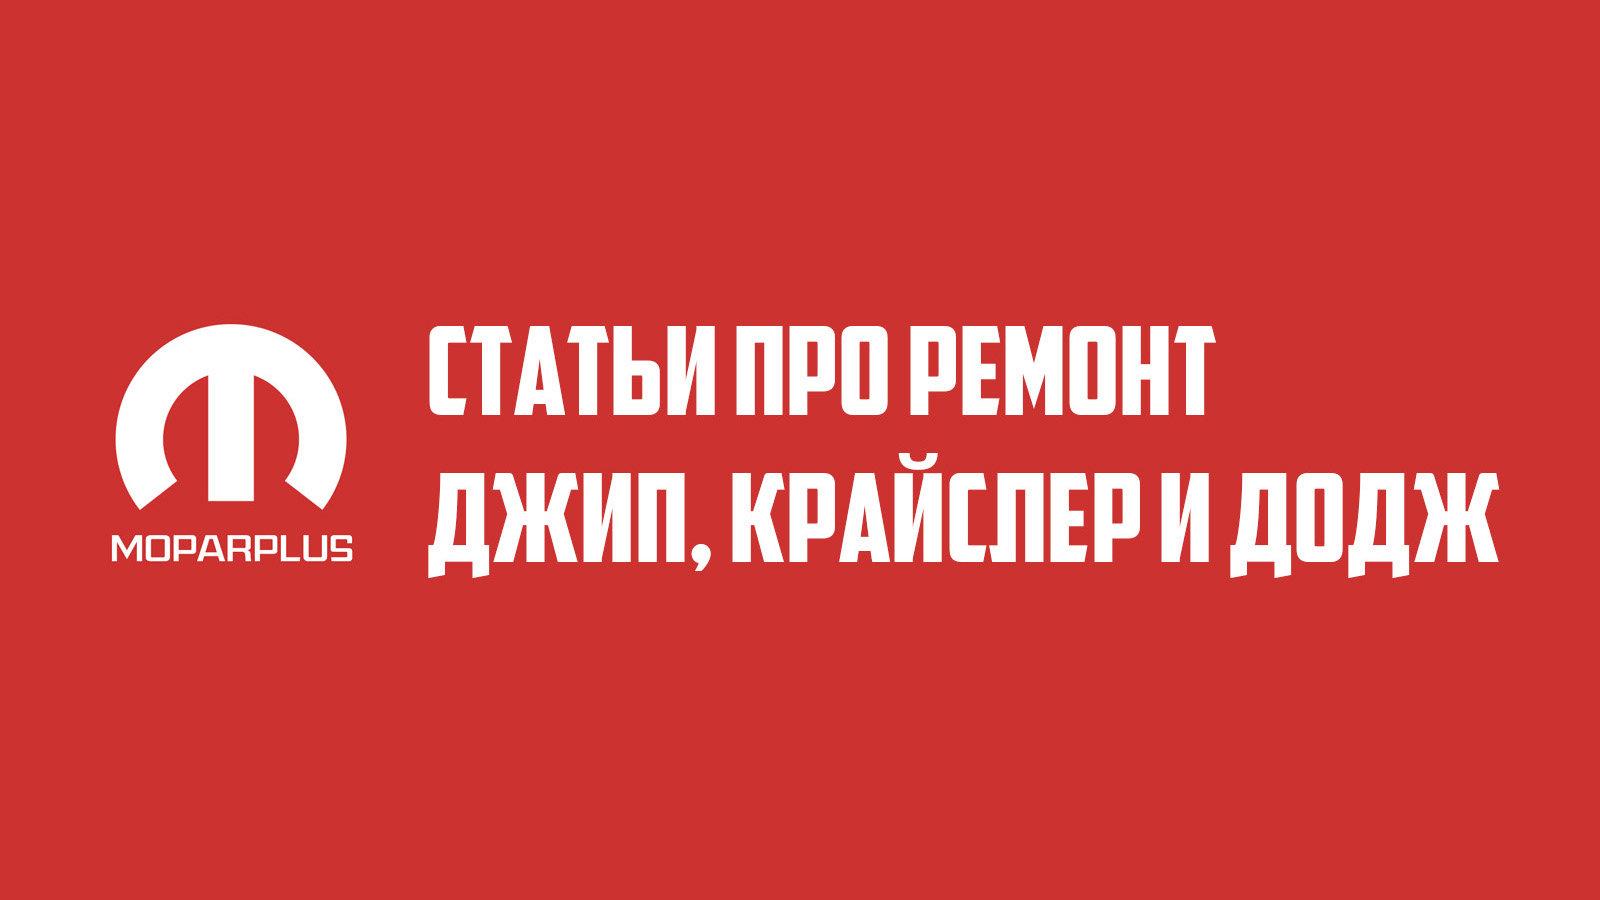 Статьи про ремонт. Выпуск №15.